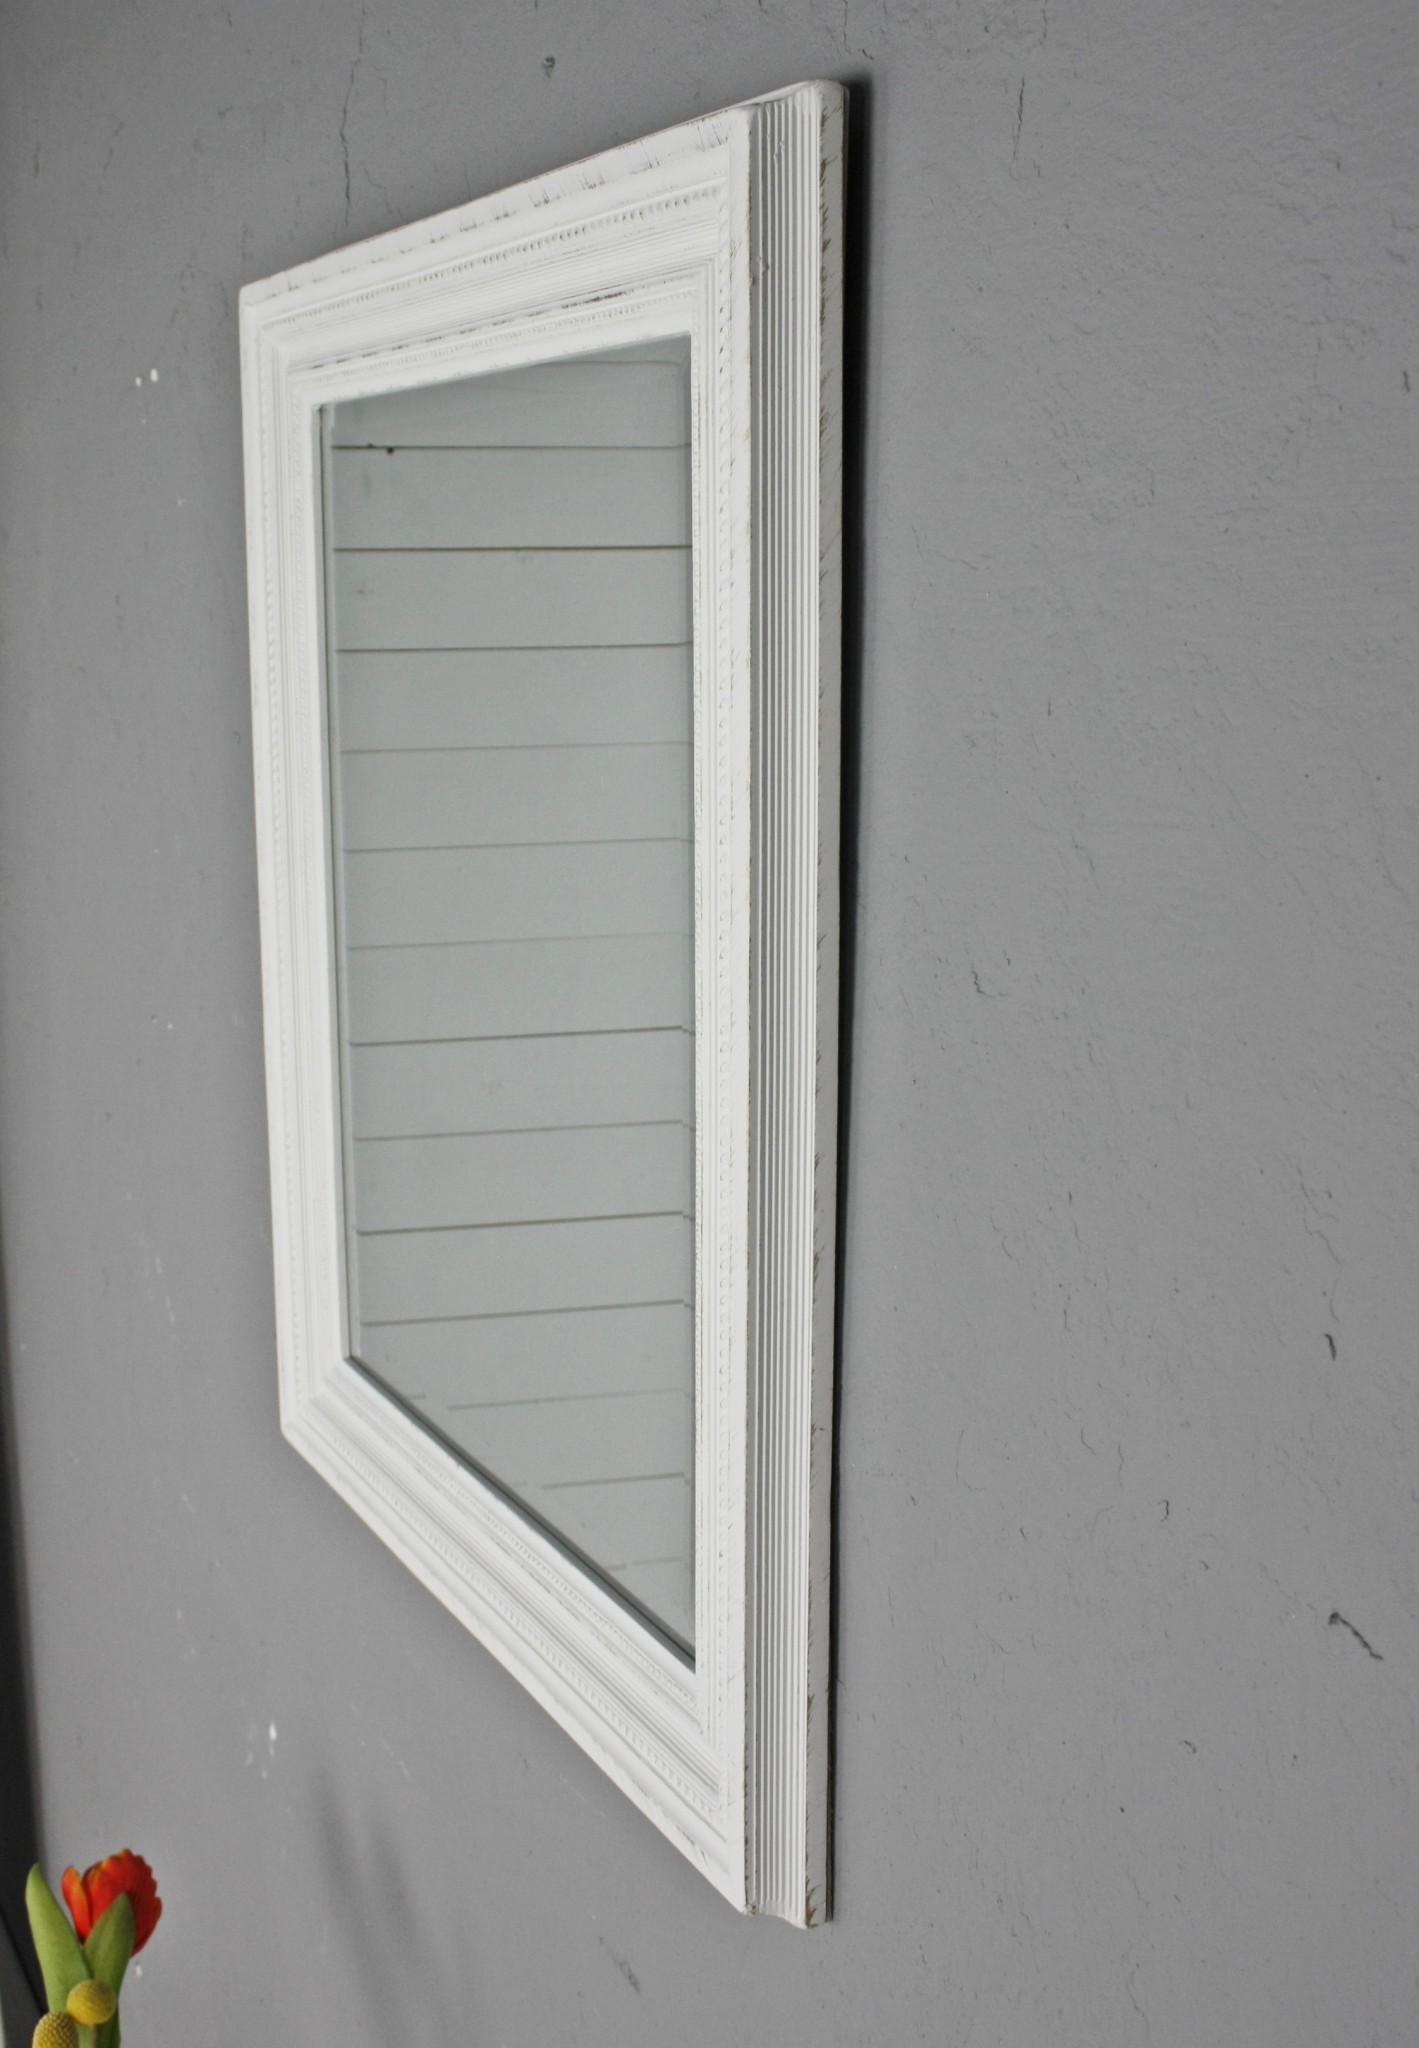 spiegel wei antik 60x50cm holz landhaus wandspiegel badspiegel standspiegel ebay. Black Bedroom Furniture Sets. Home Design Ideas